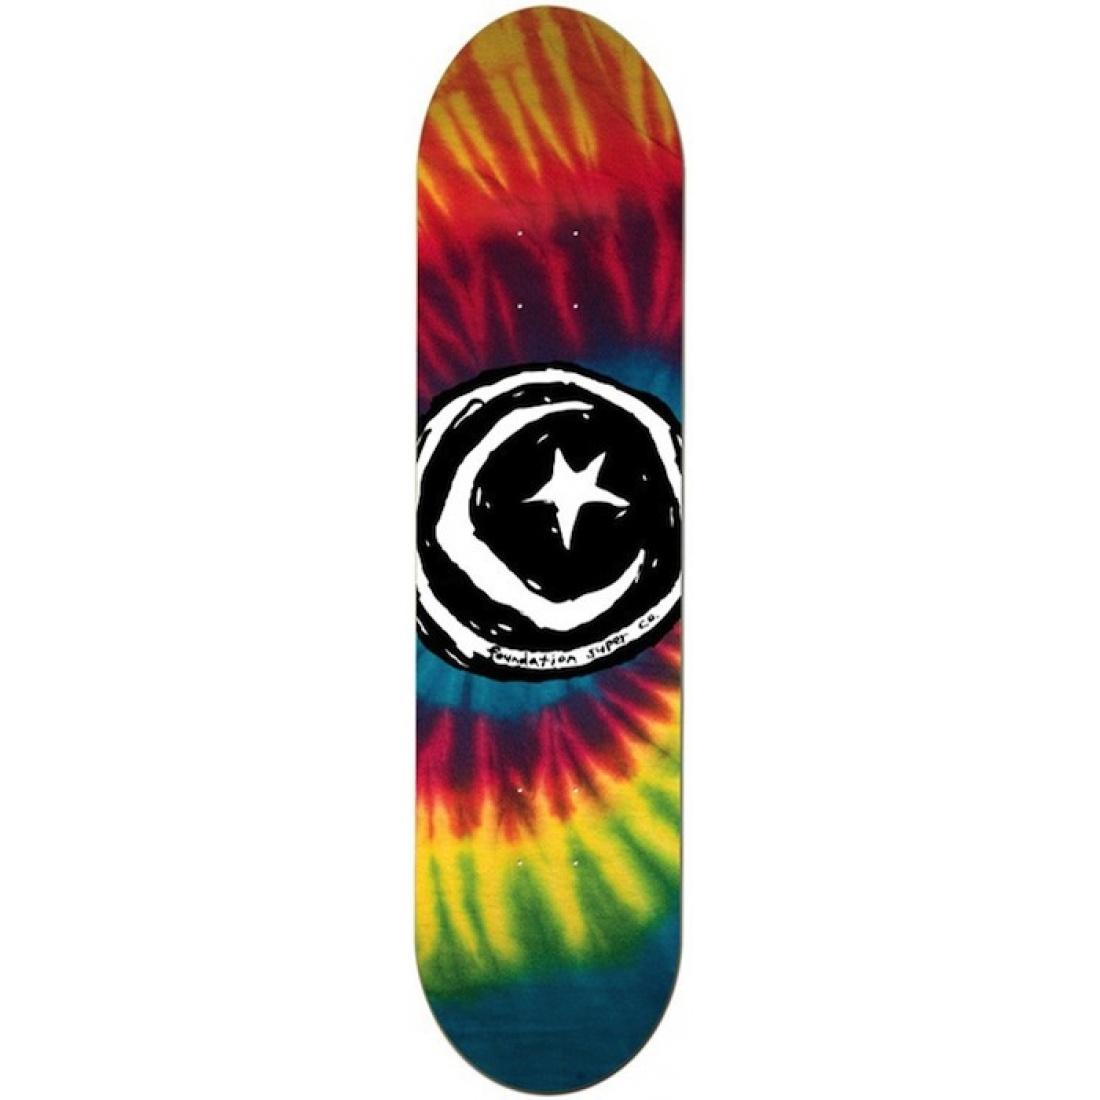 FS-Star & Moon Tye Dye Fiberprime 8.25 Deck